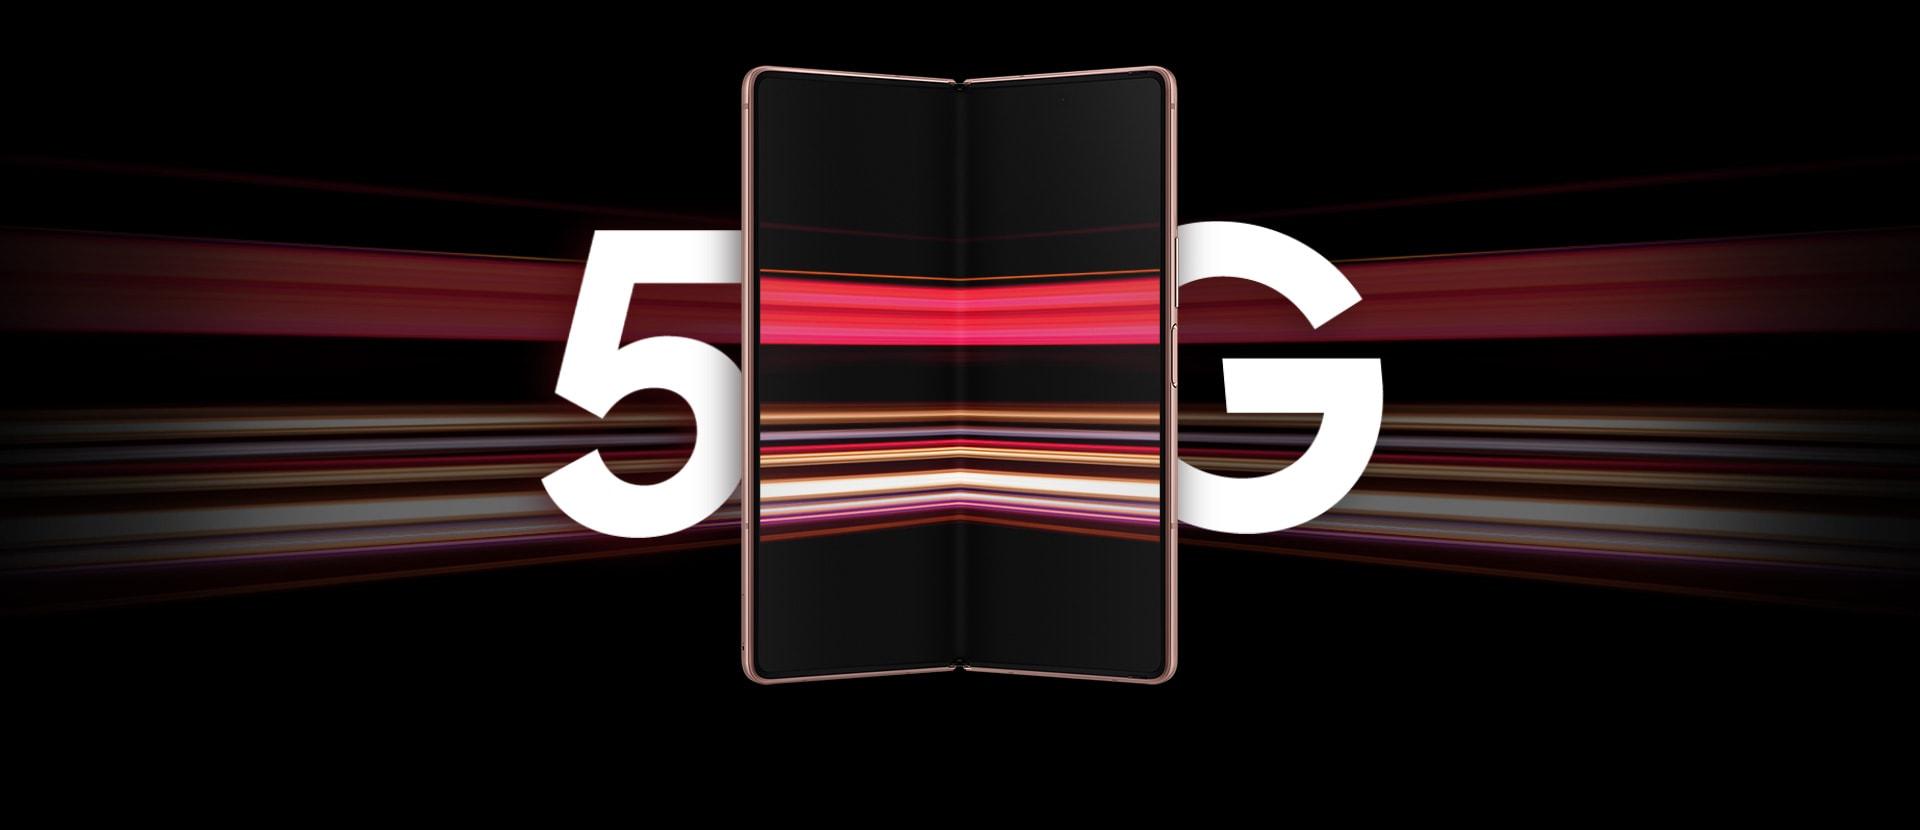 قابلیت 5G گوشی سامسونگ Galaxy Z Fold2 5G